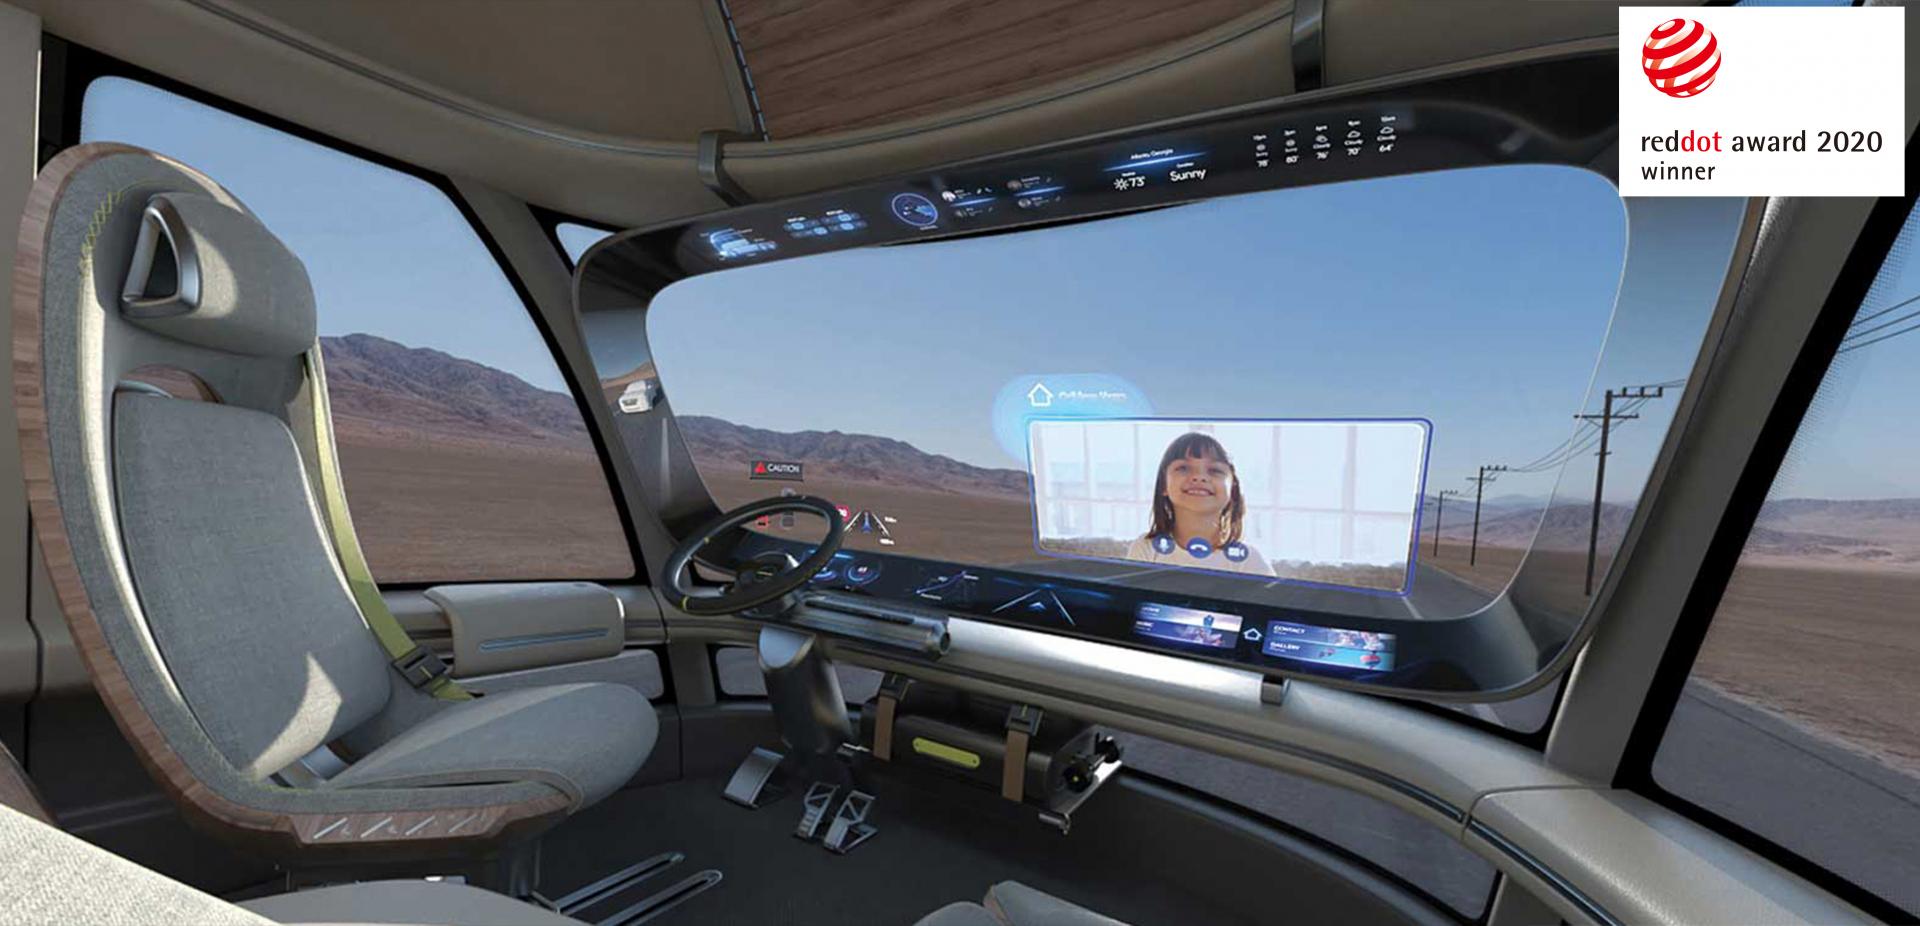 Компанія Hyundai Motor отримала три нагороди Red Dot Award 2020 за концептуальний дизайн   Автотрейдінг-Одесса ДП - фото 12